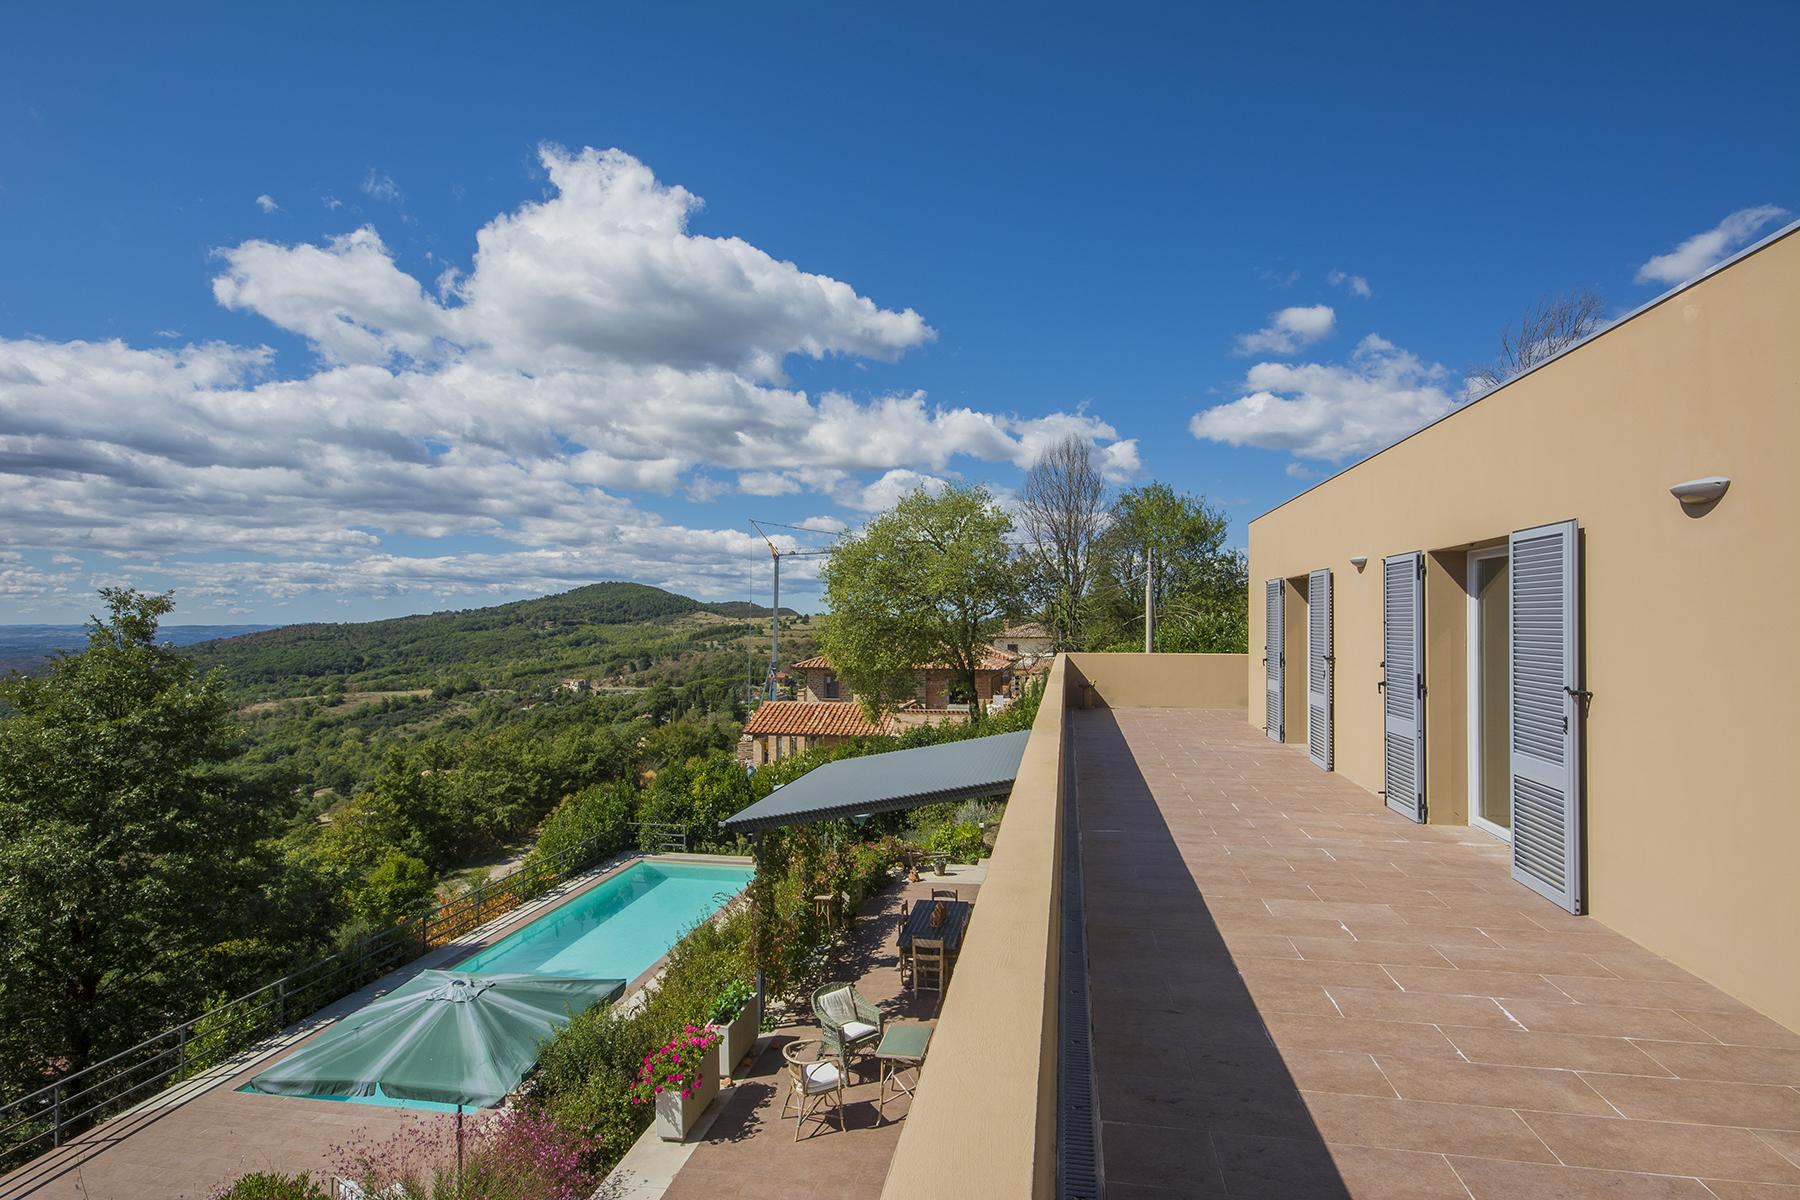 Casa indipendente in Vendita a Lisciano Niccone: 5 locali, 414 mq - Foto 14